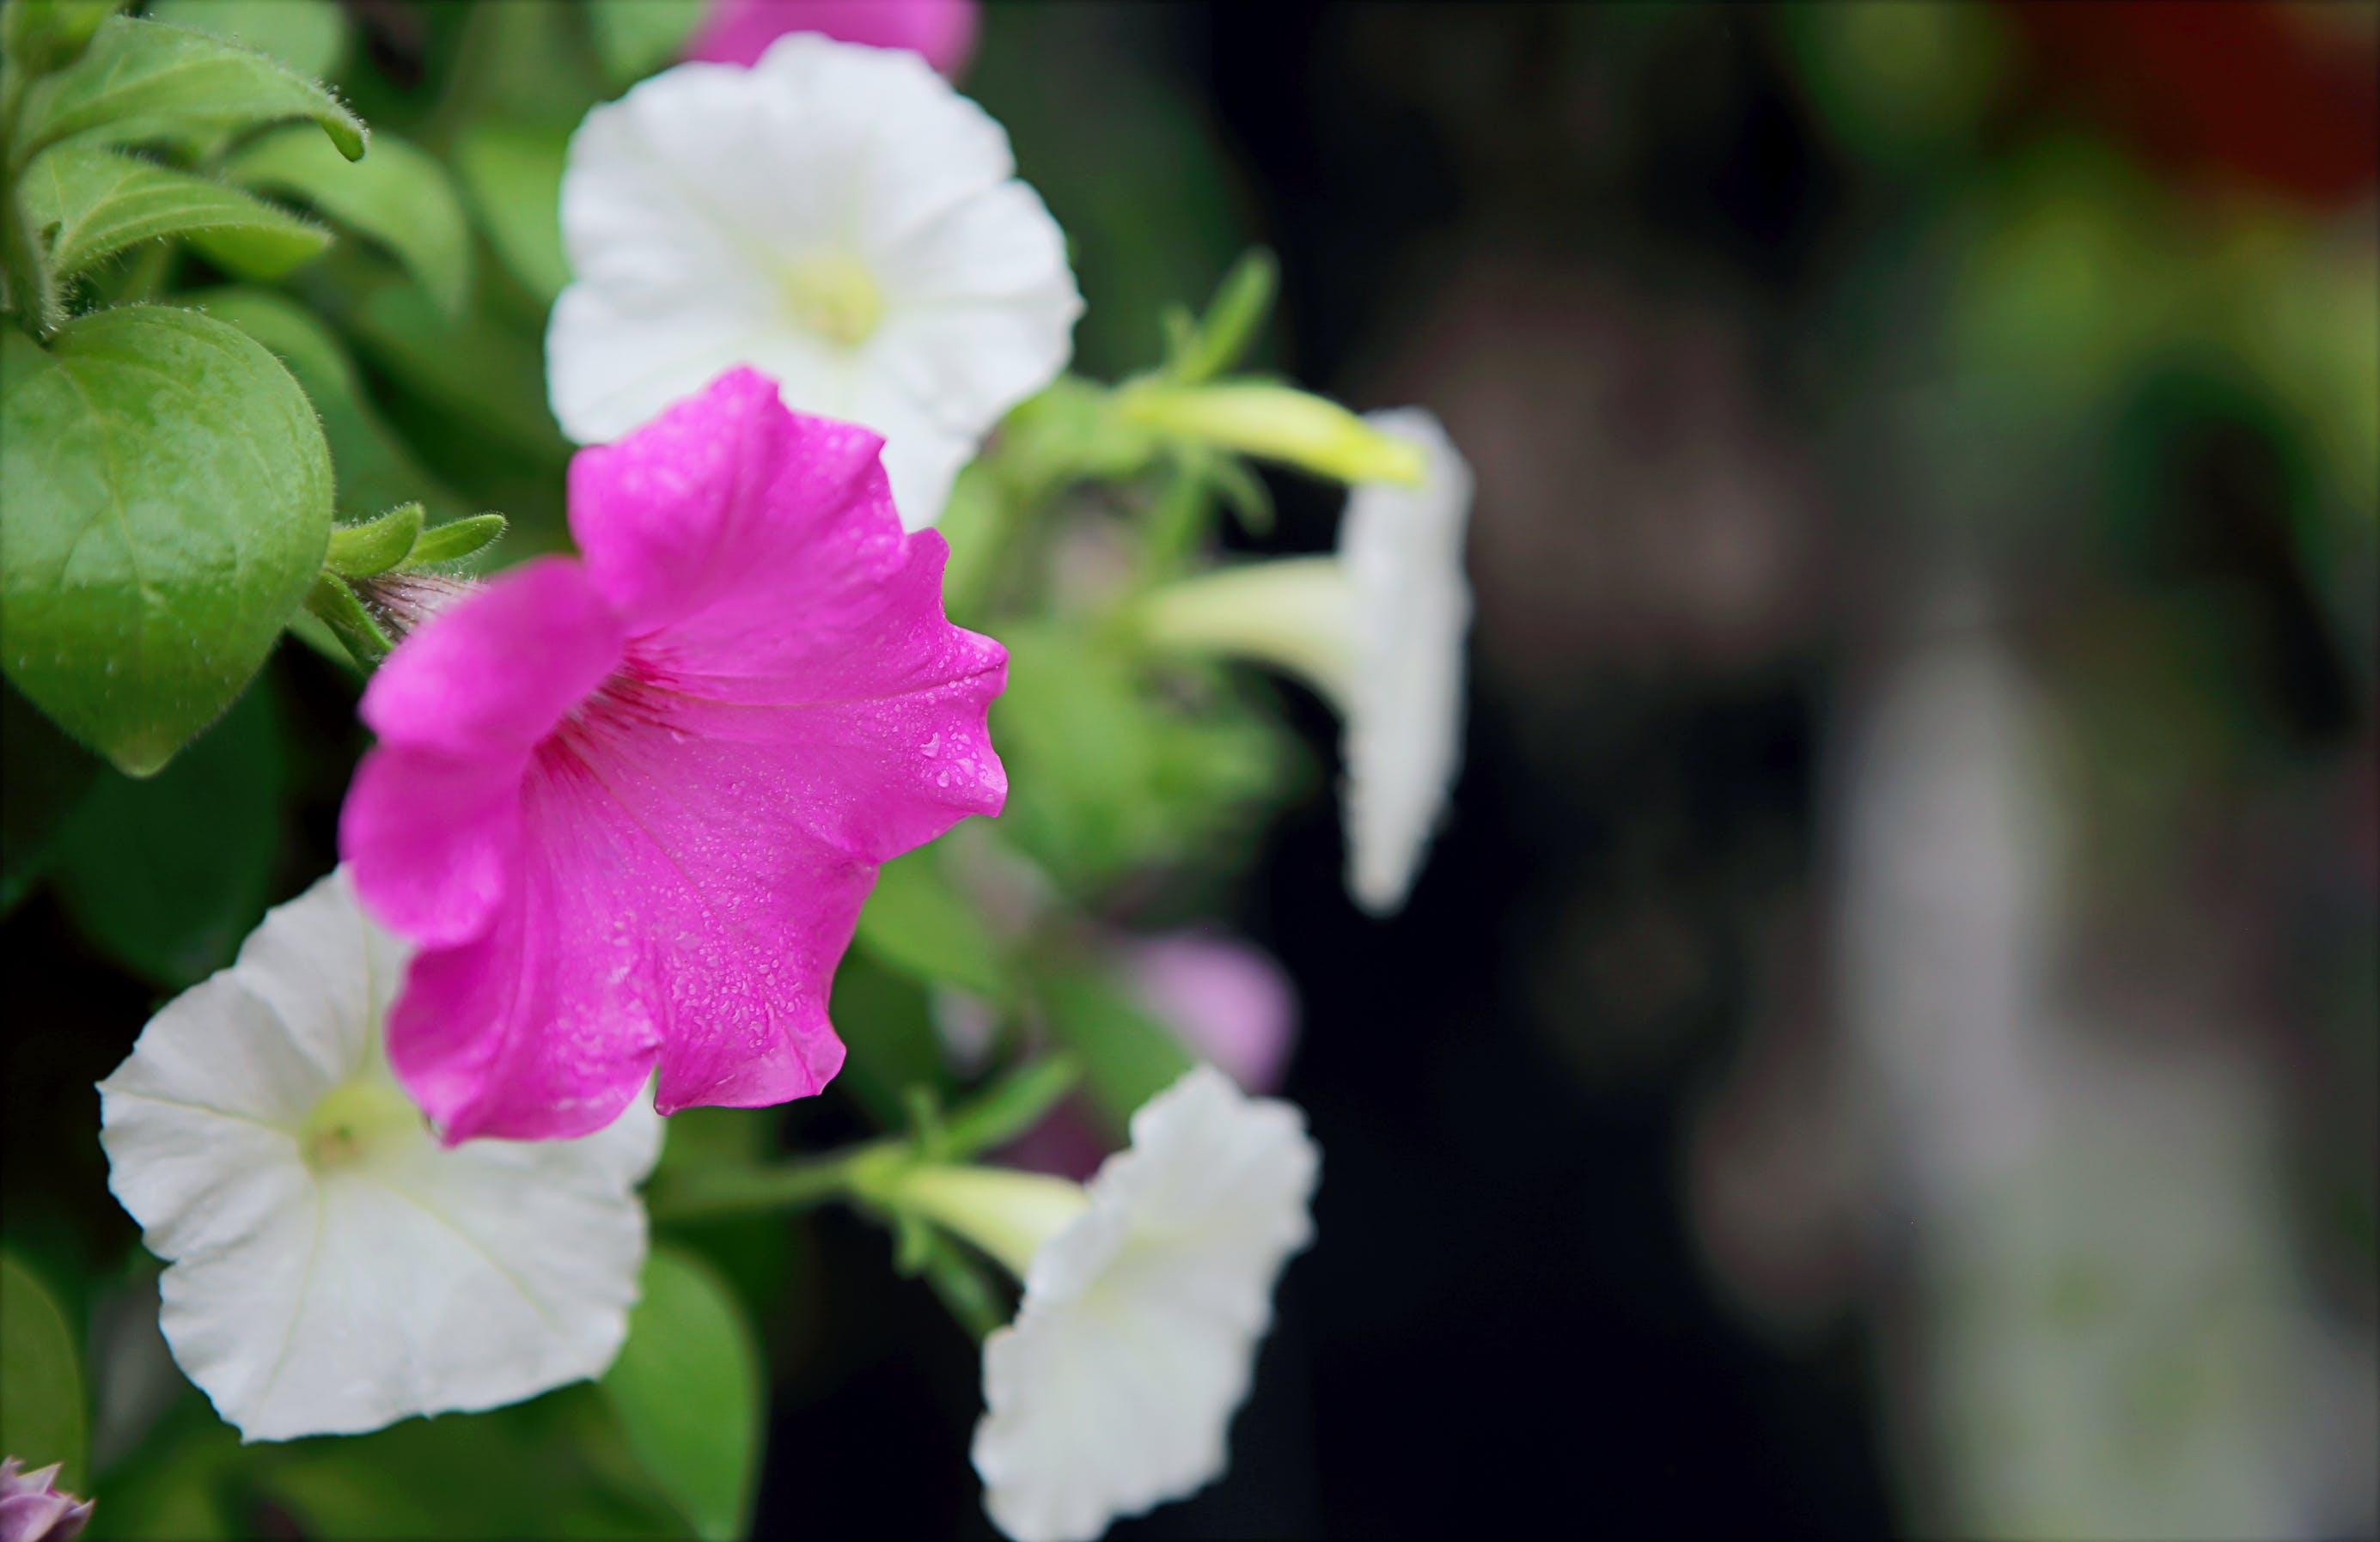 Bahçe, bitki örtüsü, bulanık arka plan, büyüme içeren Ücretsiz stok fotoğraf